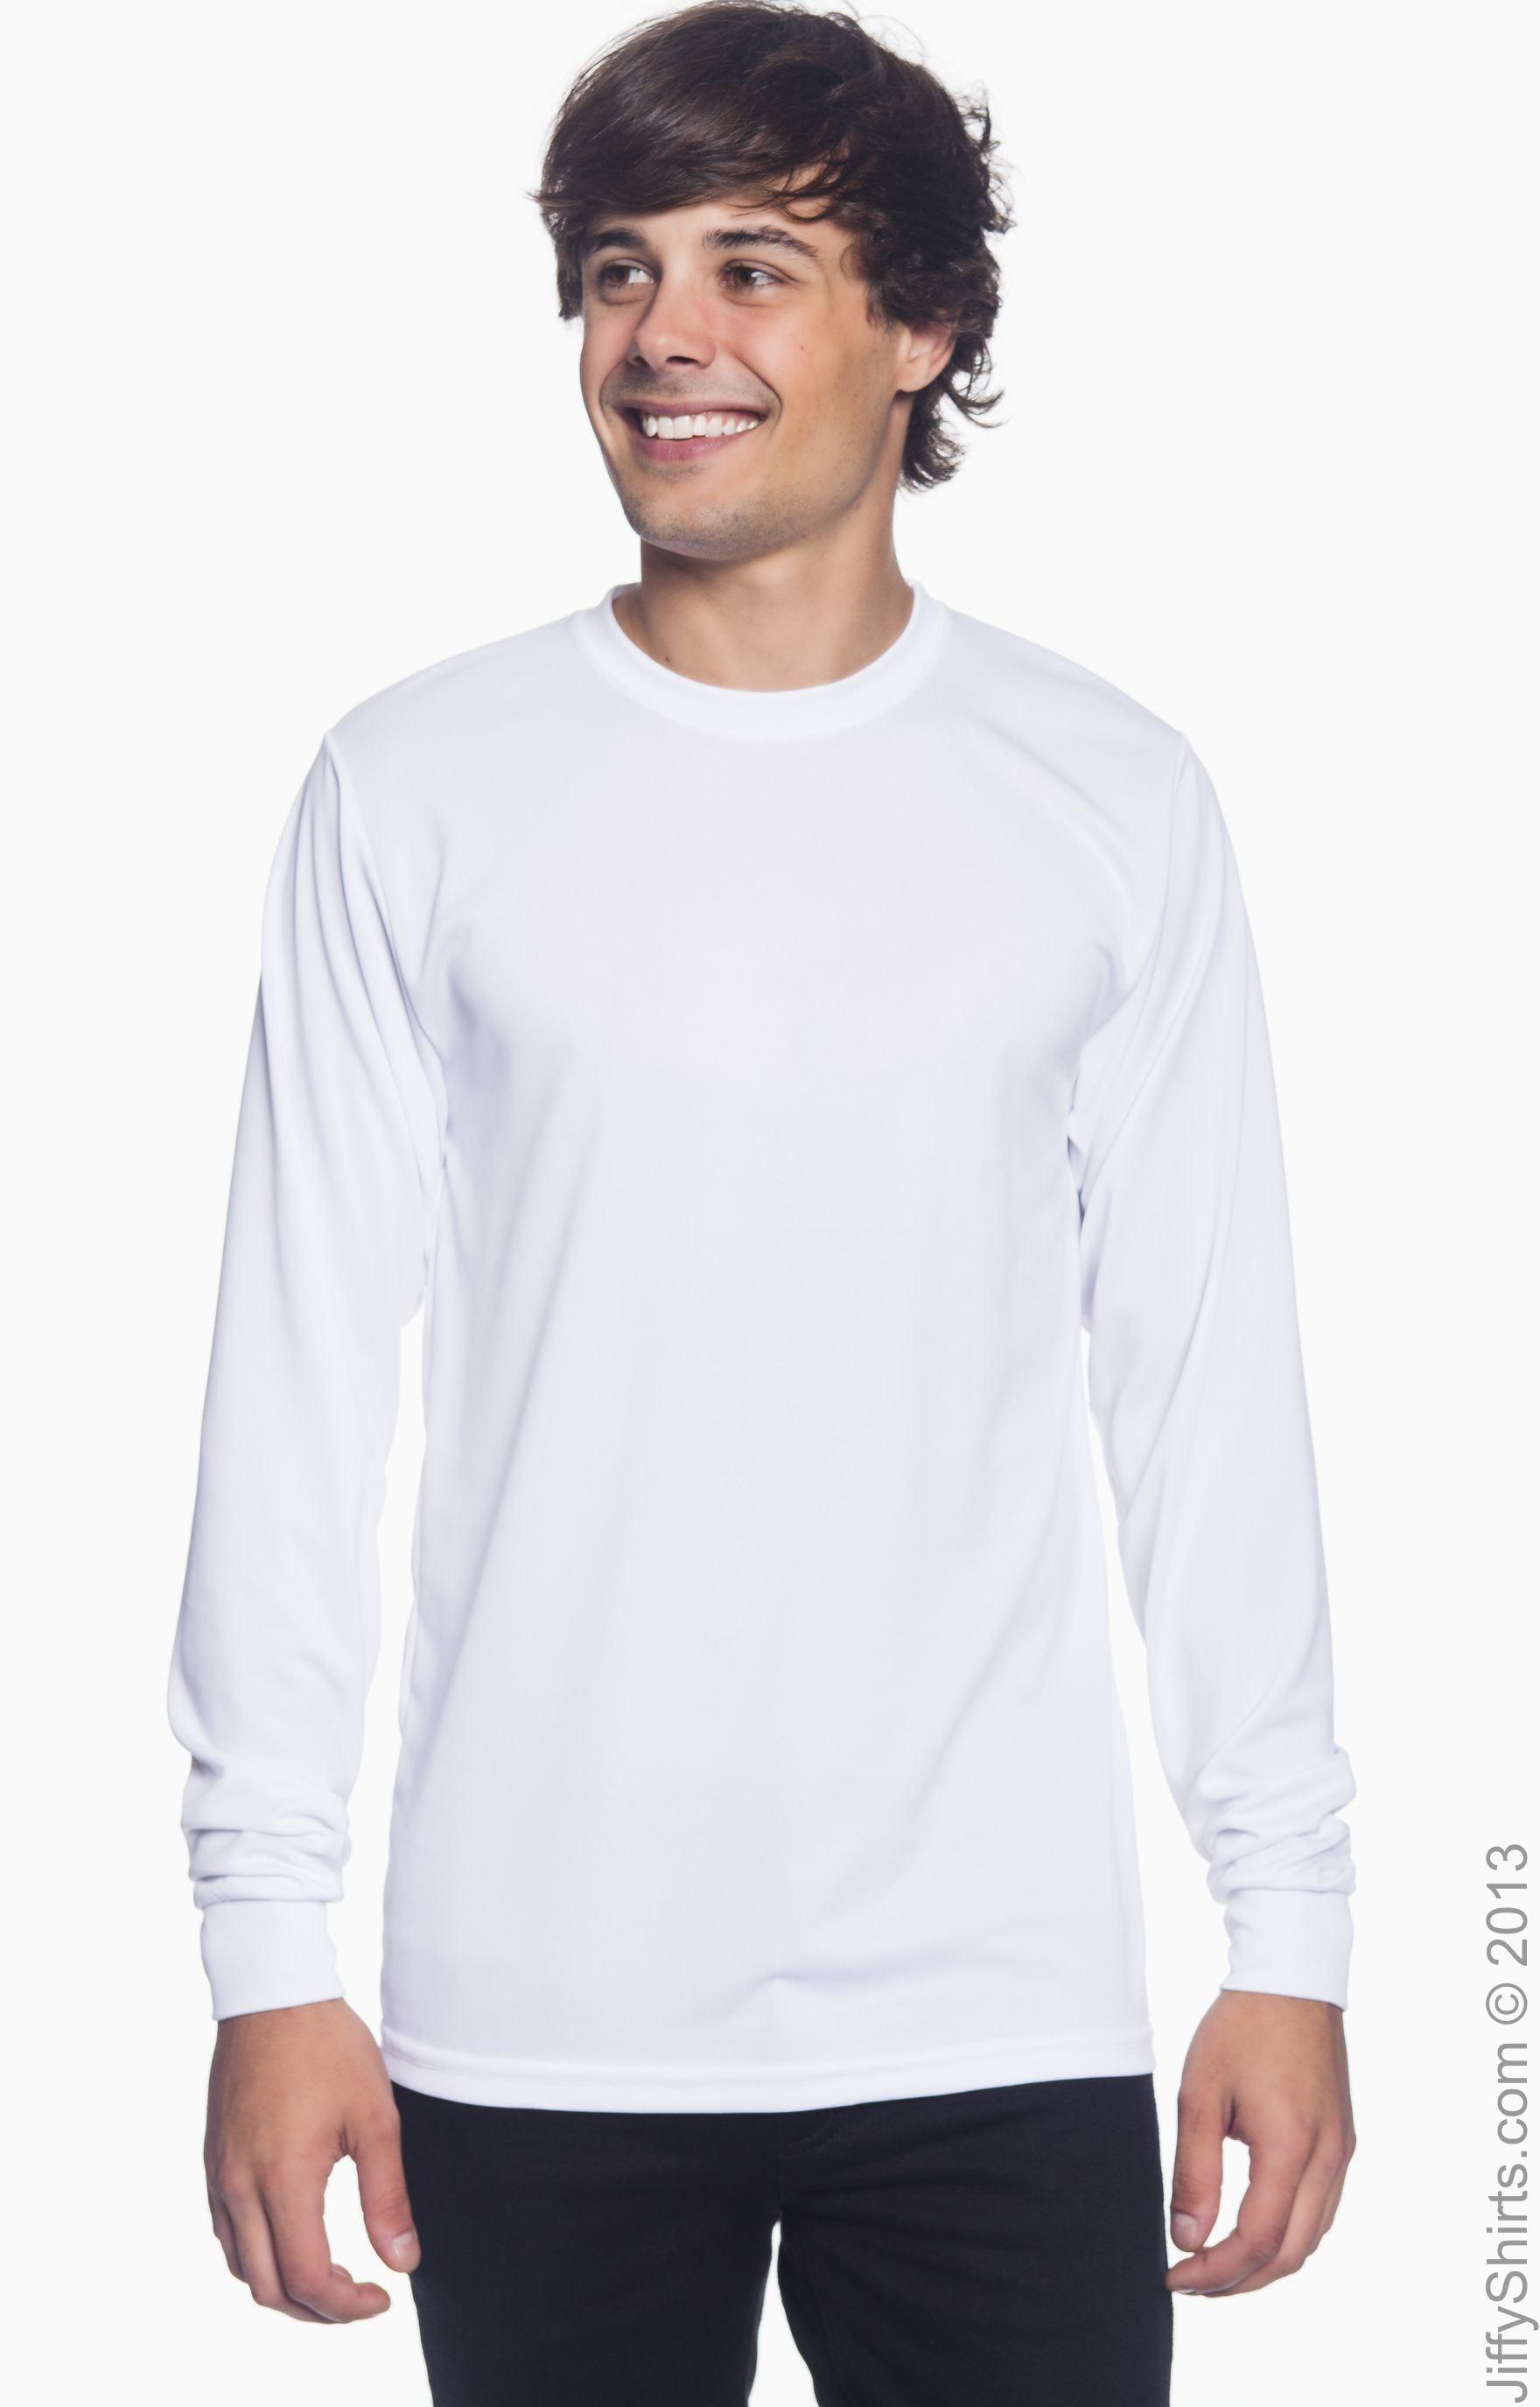 Augusta Sportswear 788 White